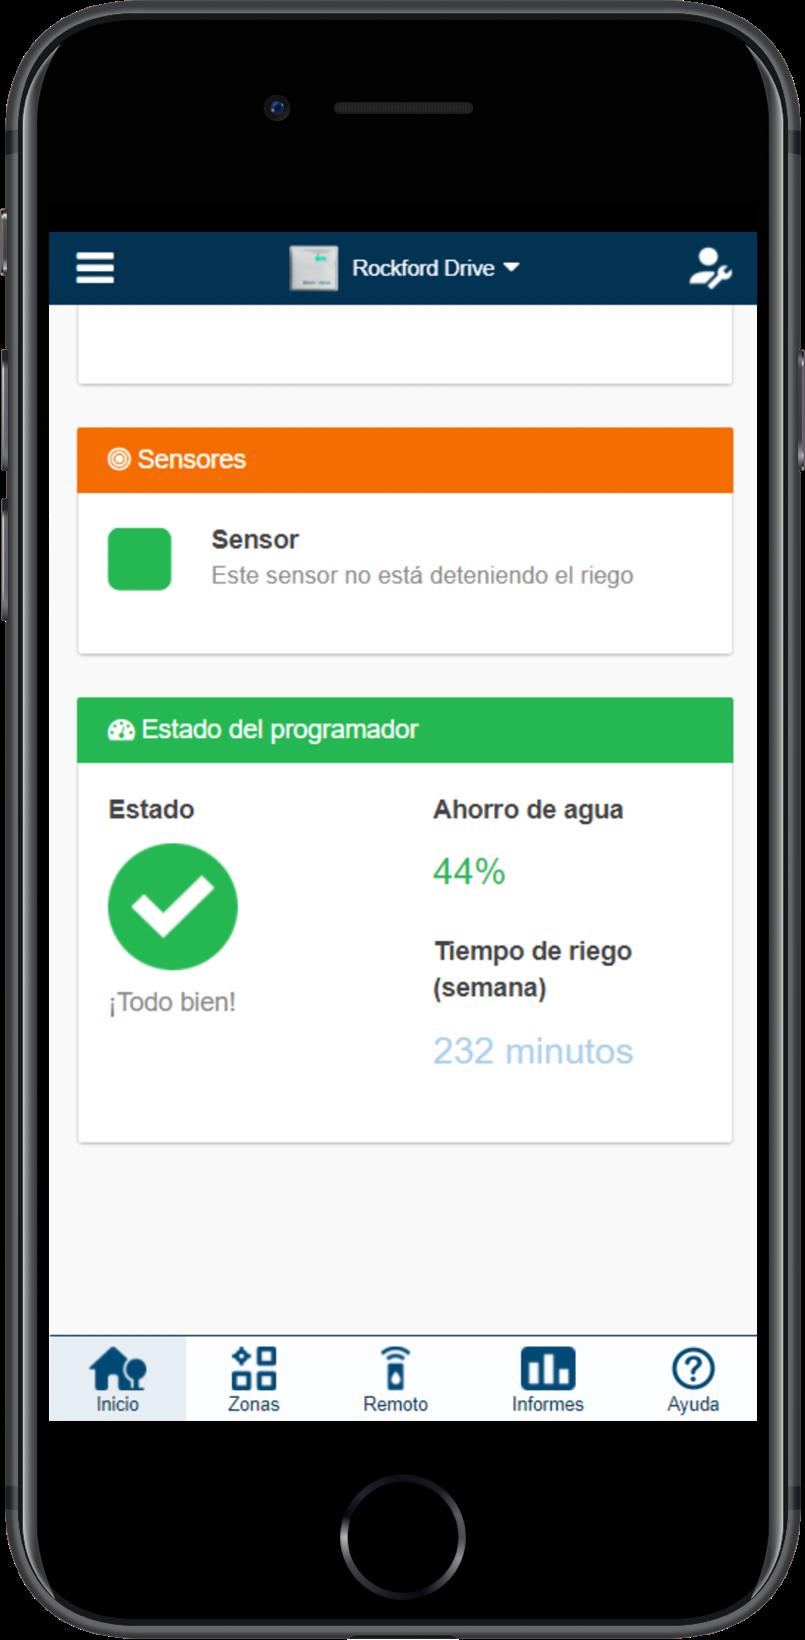 basic_app_navigation_5_en-us.png